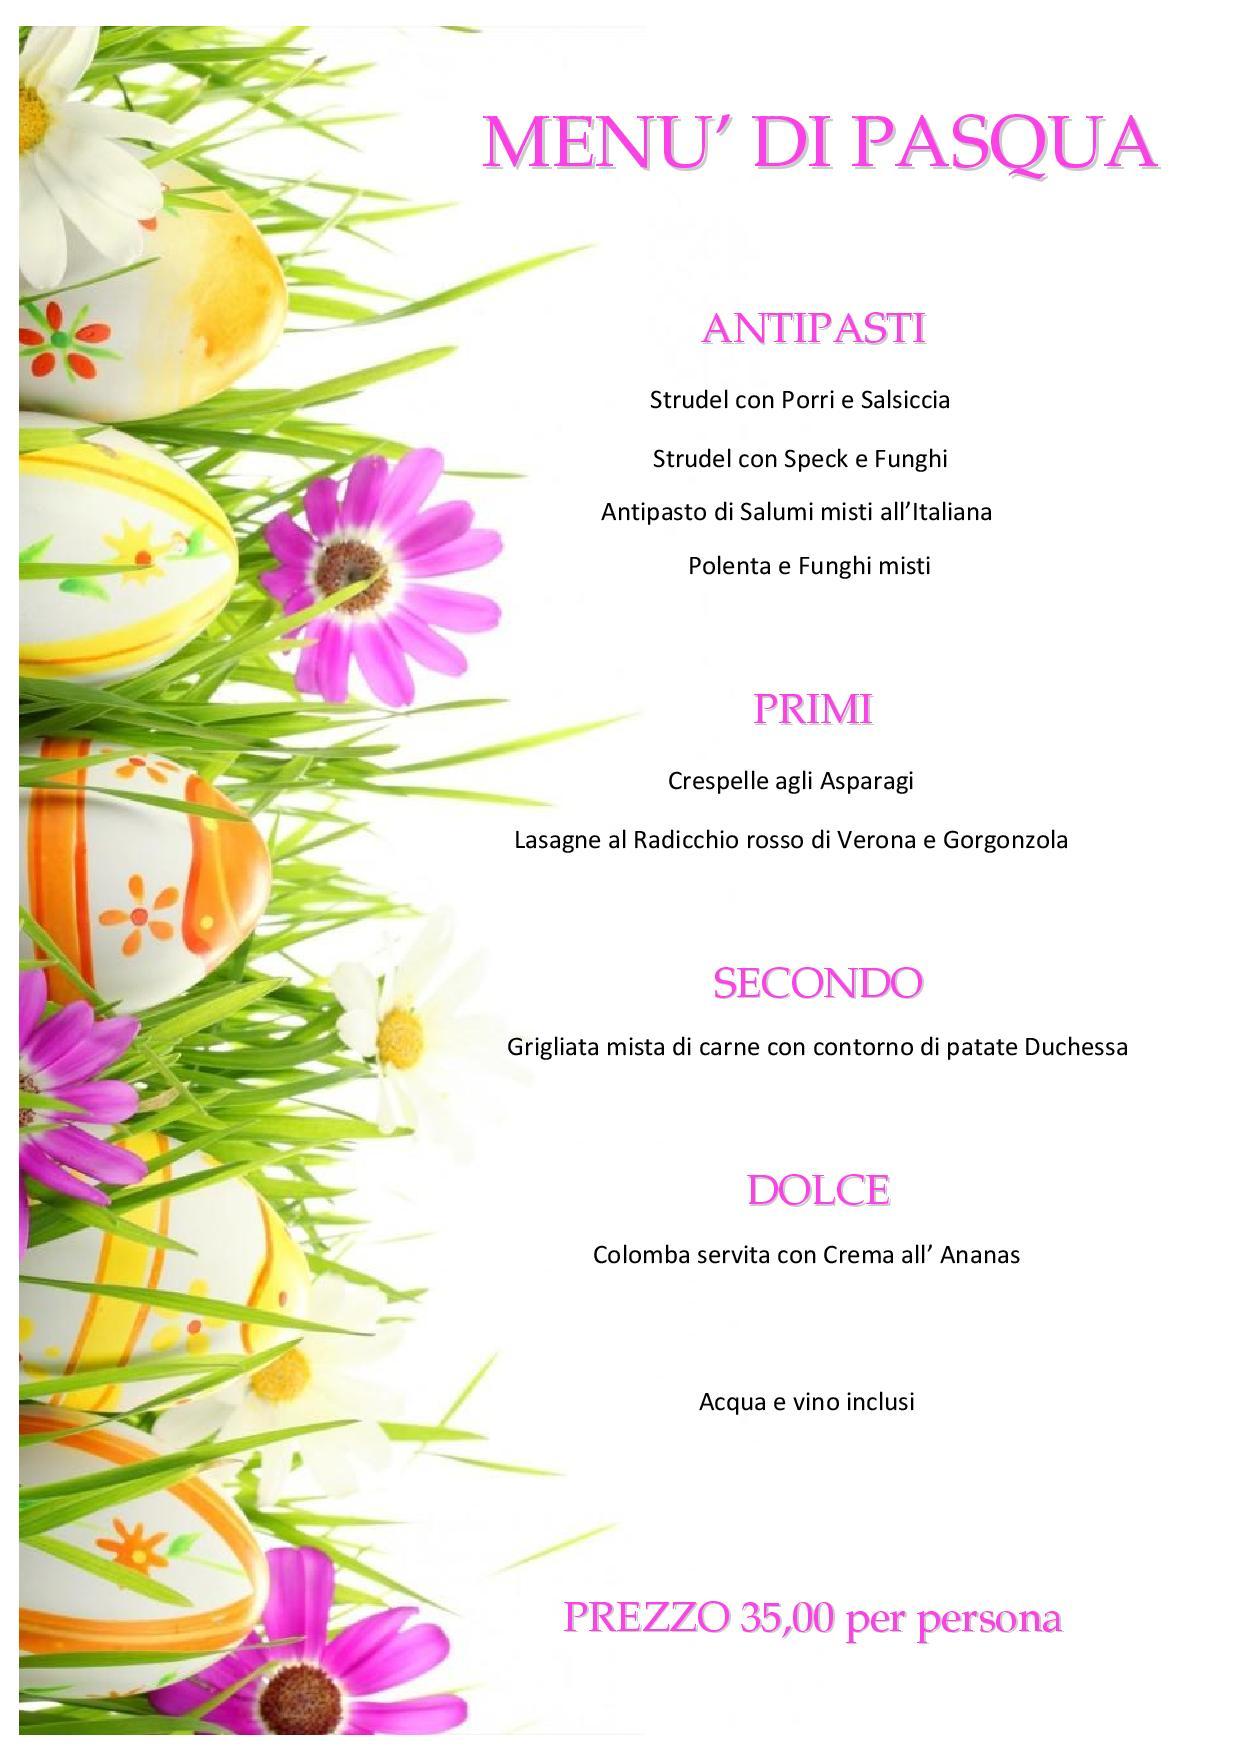 Pranzo di Pasqua alla Trattoria ai Bastioni!